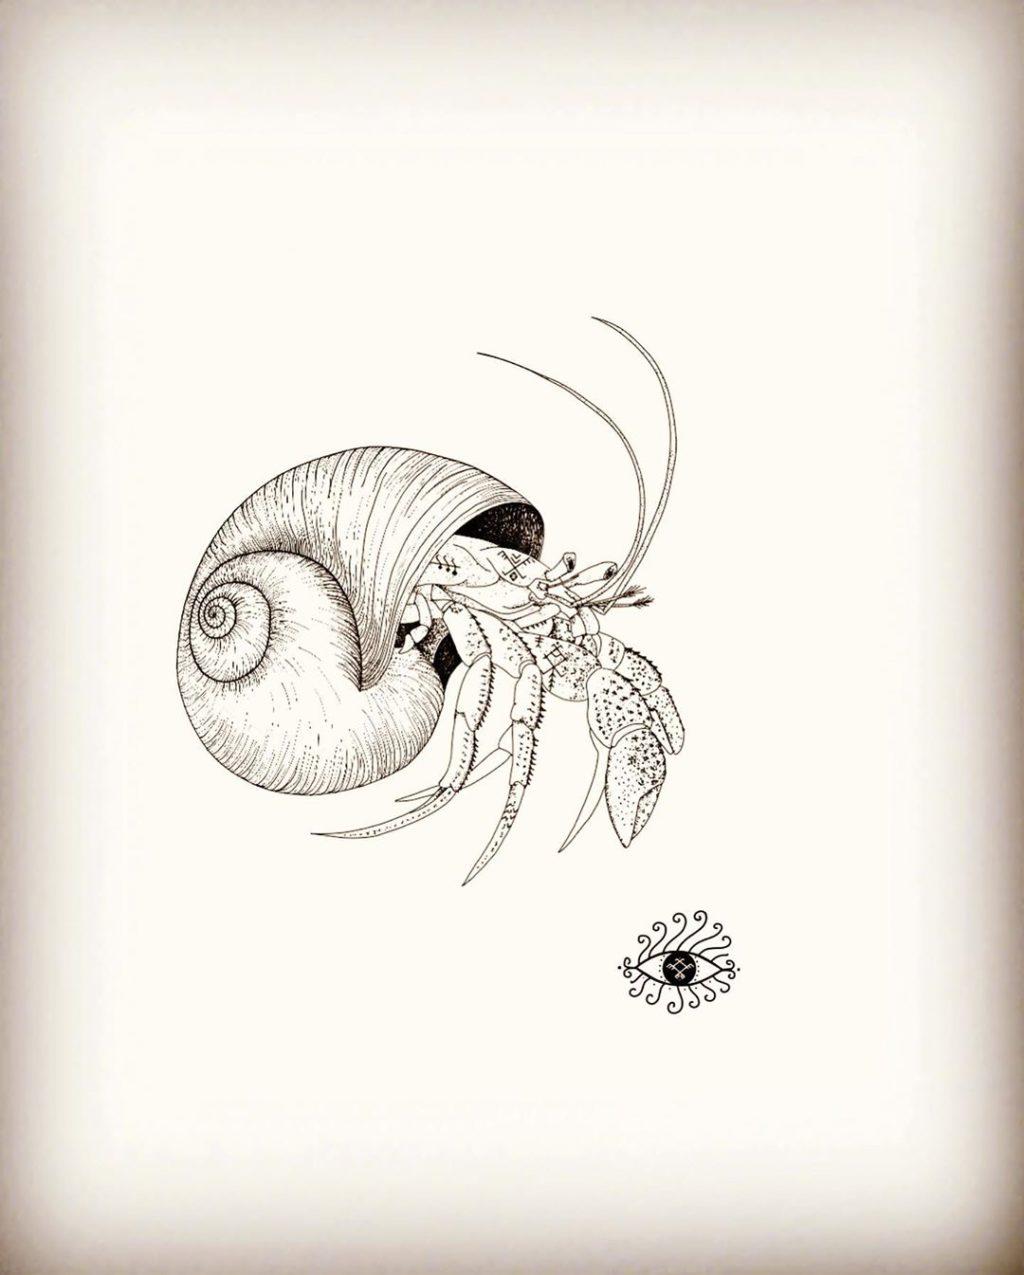 Animales & Nature (ill.)